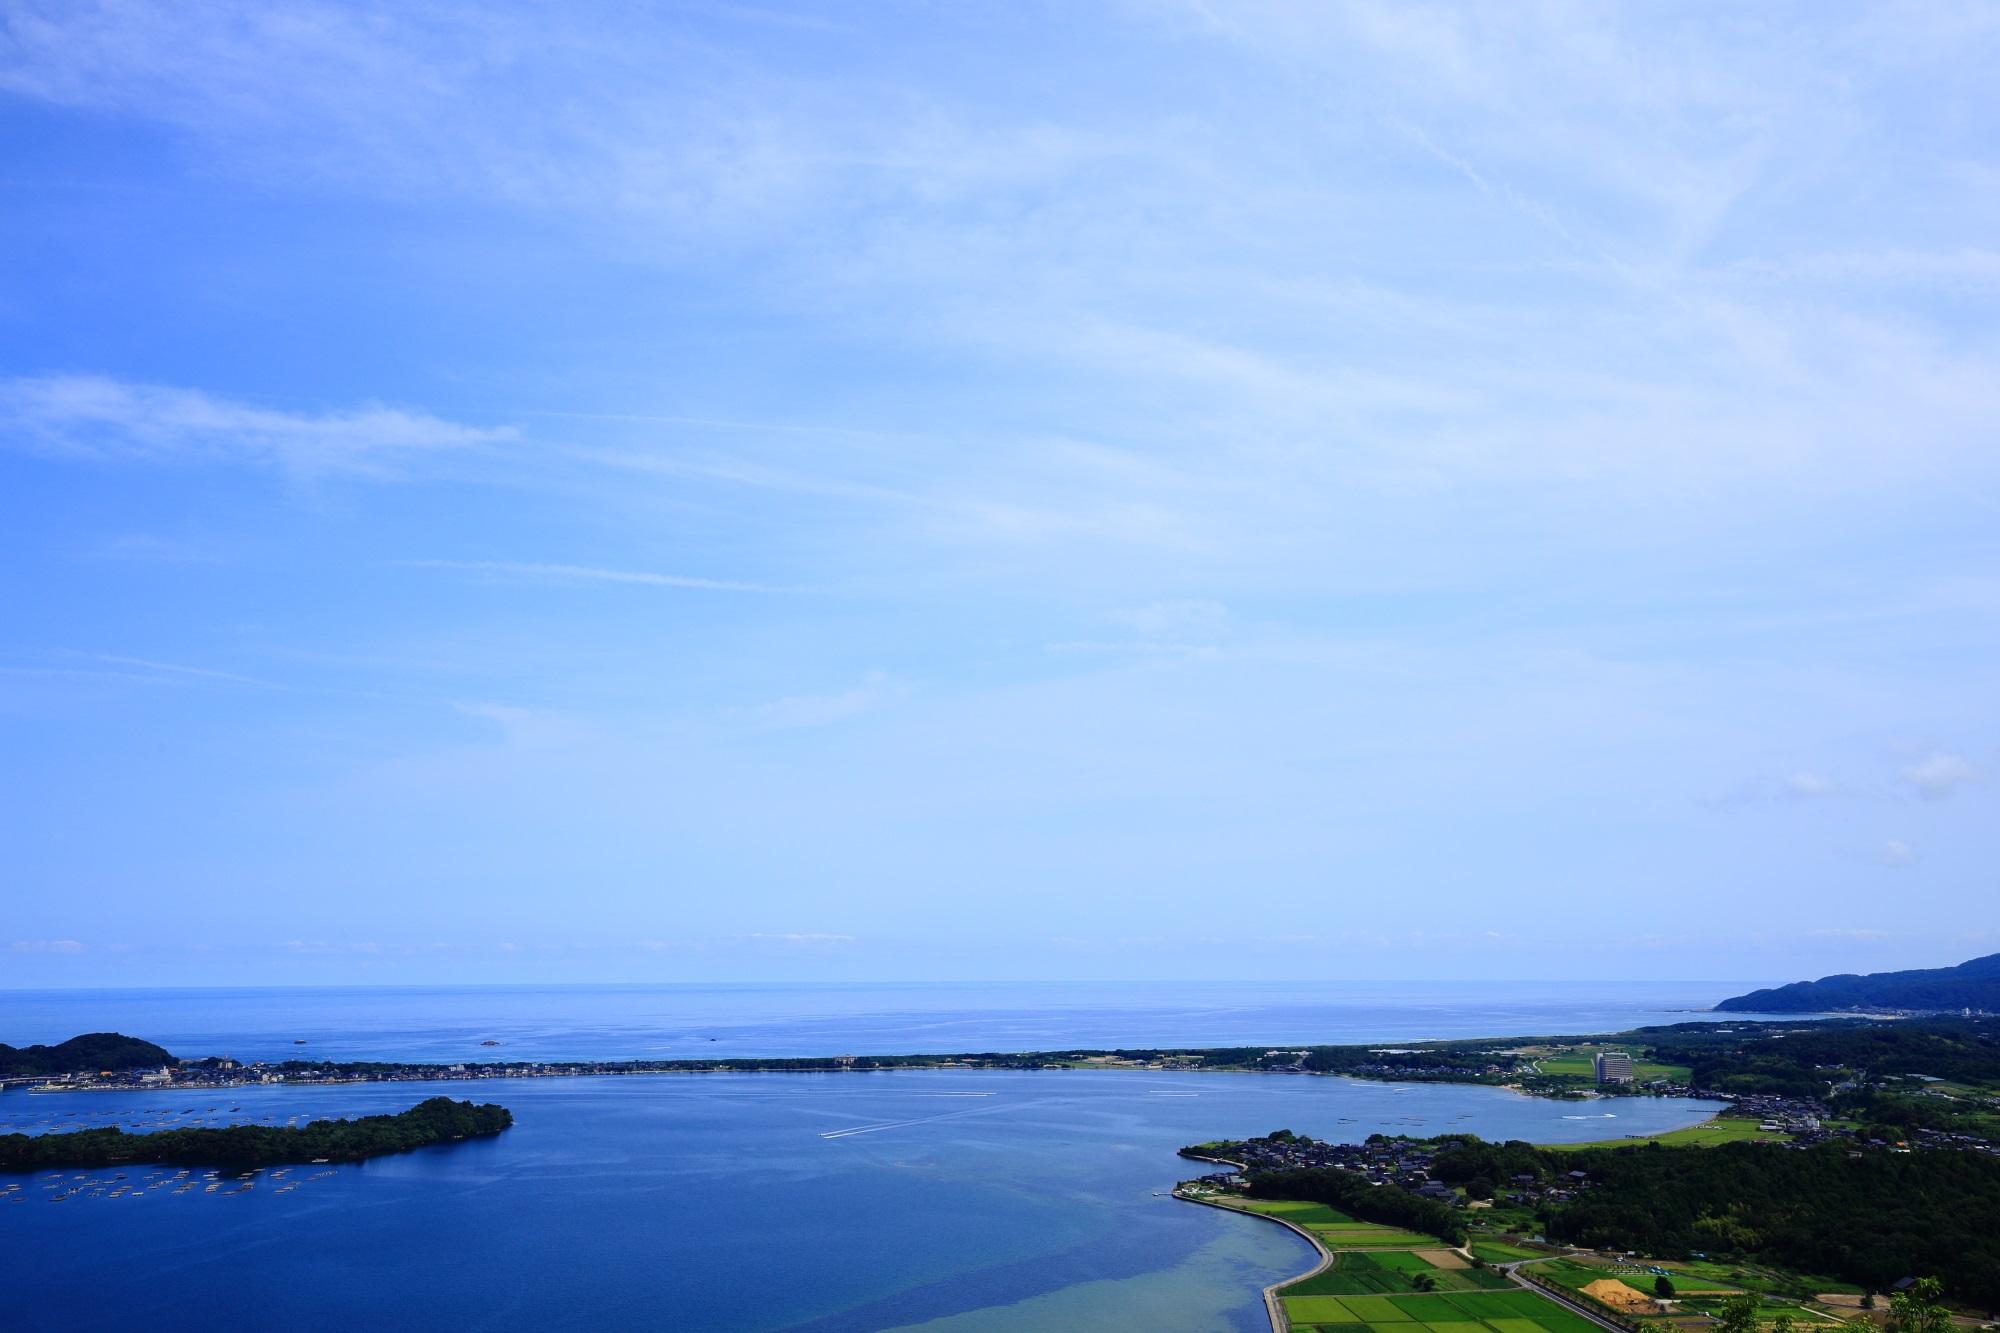 高画質 久美浜湾 絶景 写真